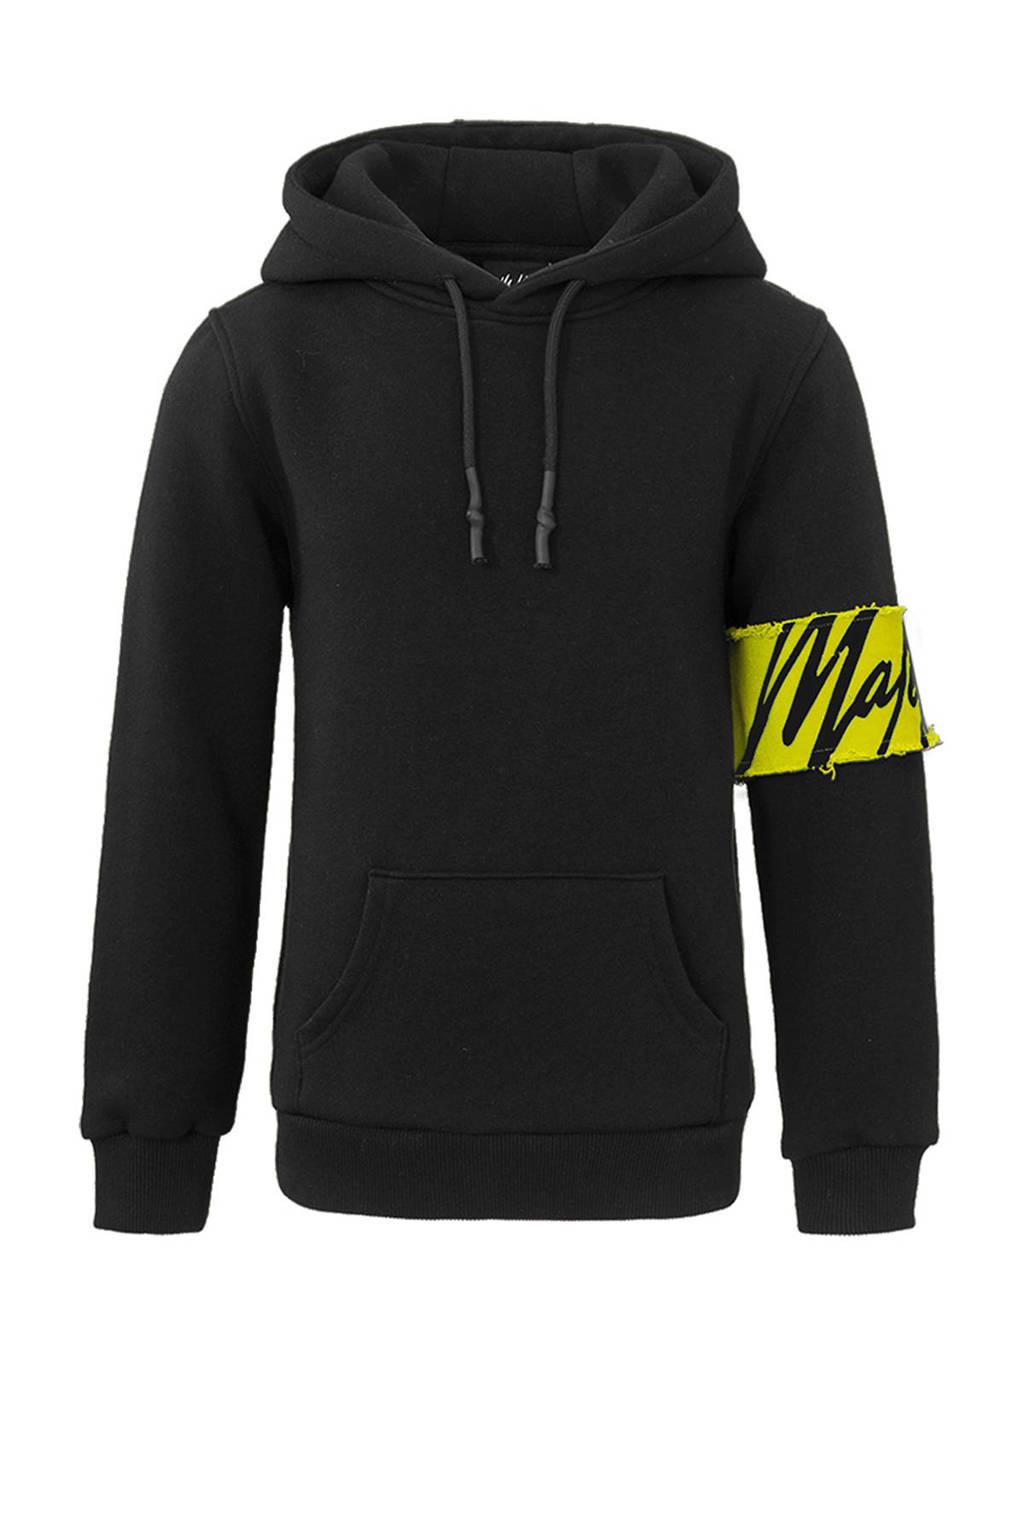 Malelions hoodie Captain met logo zwart/geel, Zwart/geel